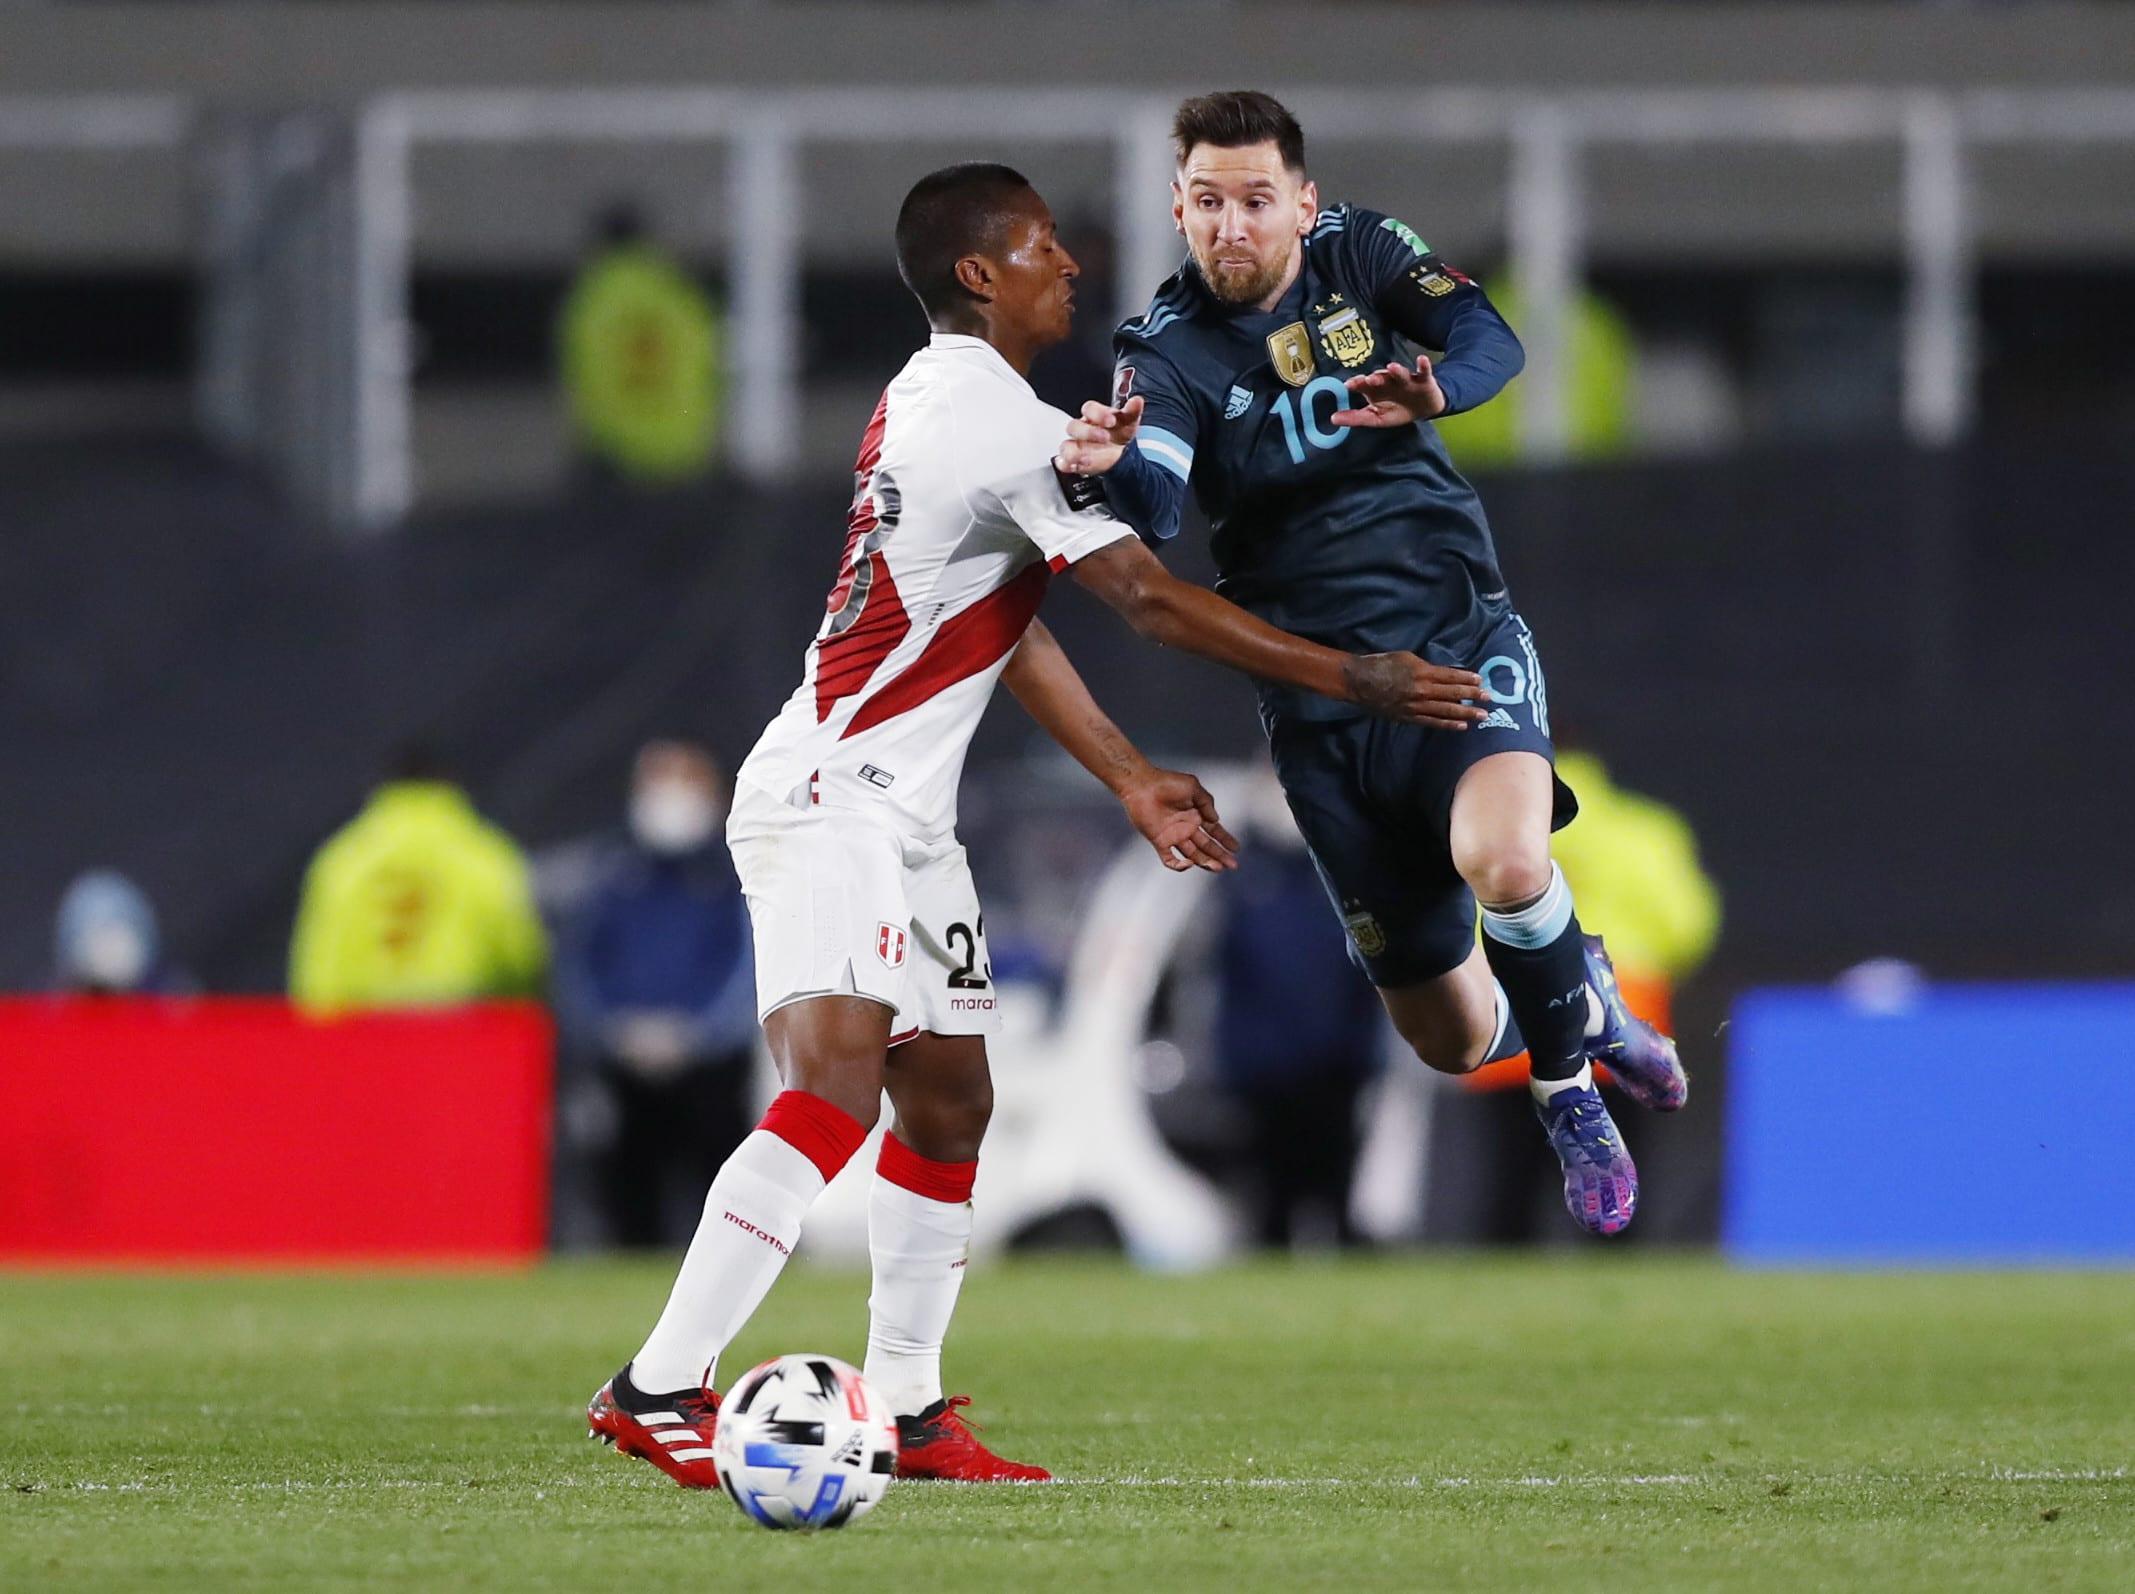 ליאונל מסי במדי נבחרת ארגנטינה מול פרו